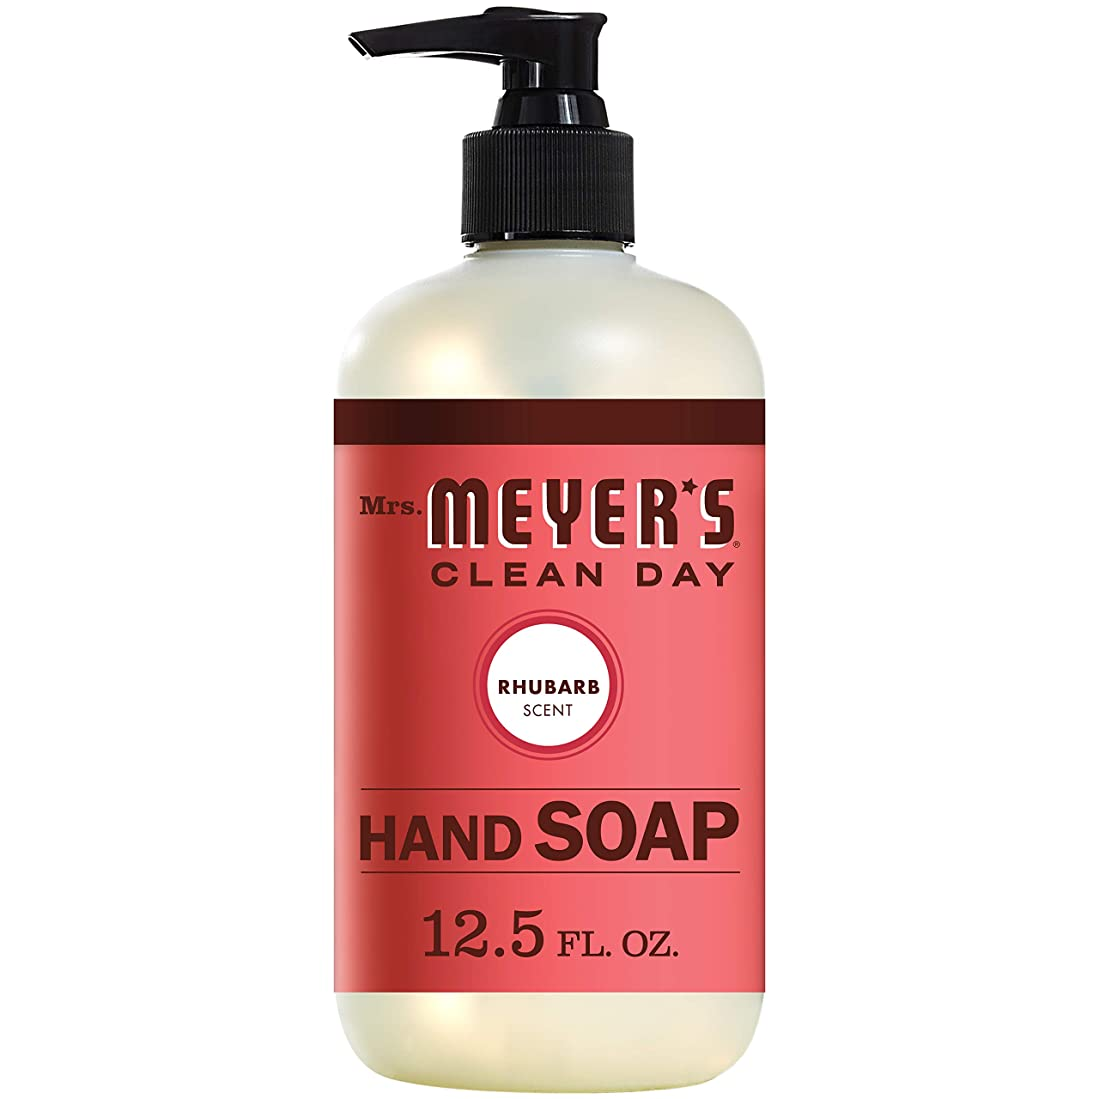 到着に慣れ慈悲深いMrs. Meyers Clean Day, Liquid Hand Soap, Rhubarb Scent, 12.5 fl oz (370 ml)